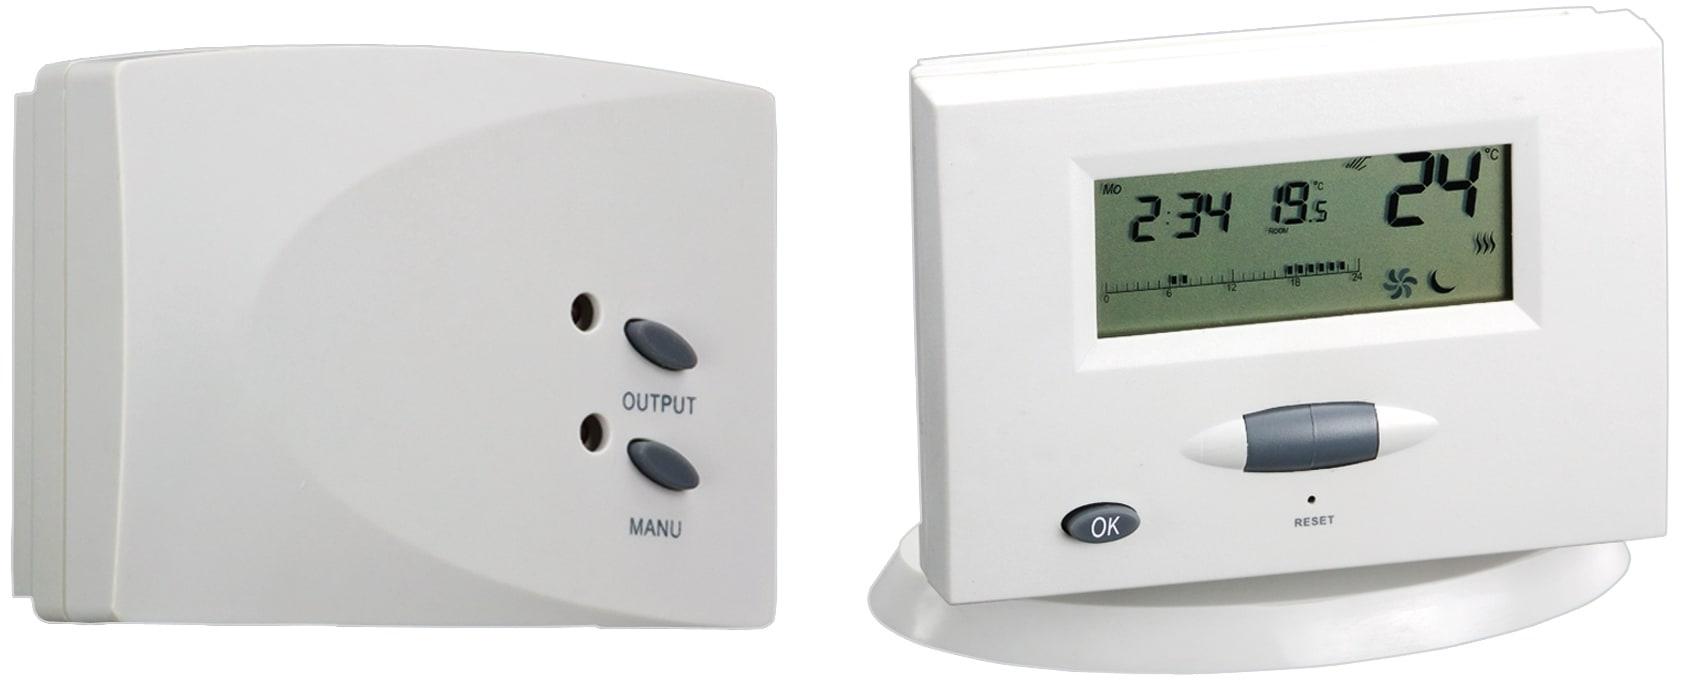 Cronotermostato Gbc Digitale Wireless Prezzi E Offerte Online